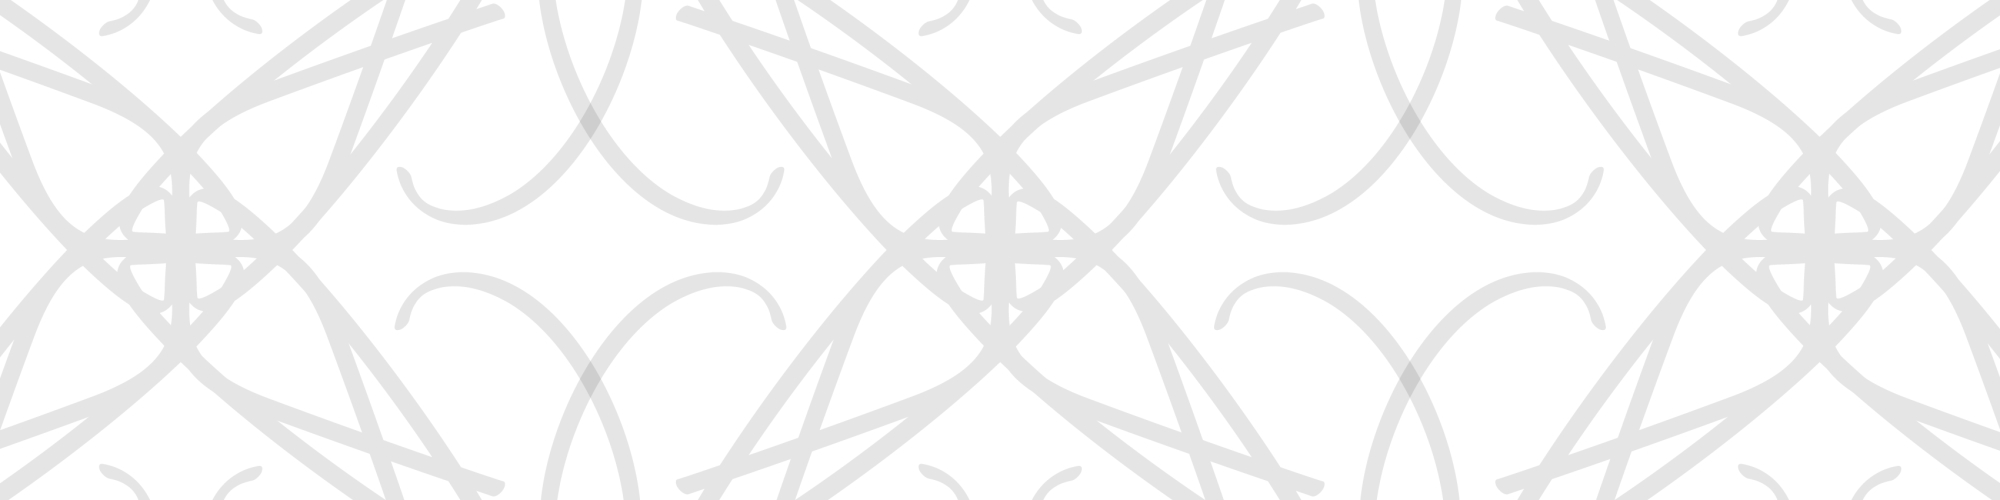 https://res.cloudinary.com/accelevents/image/fetch/c_fill,dpr_1.0,f_auto,fl_lossy,h_500,q_100,w_2000/https://s3.amazonaws.com/v2-s3-prod-accelevents/4bebb261-4cc2-47bd-86c0-3d7ca598701c